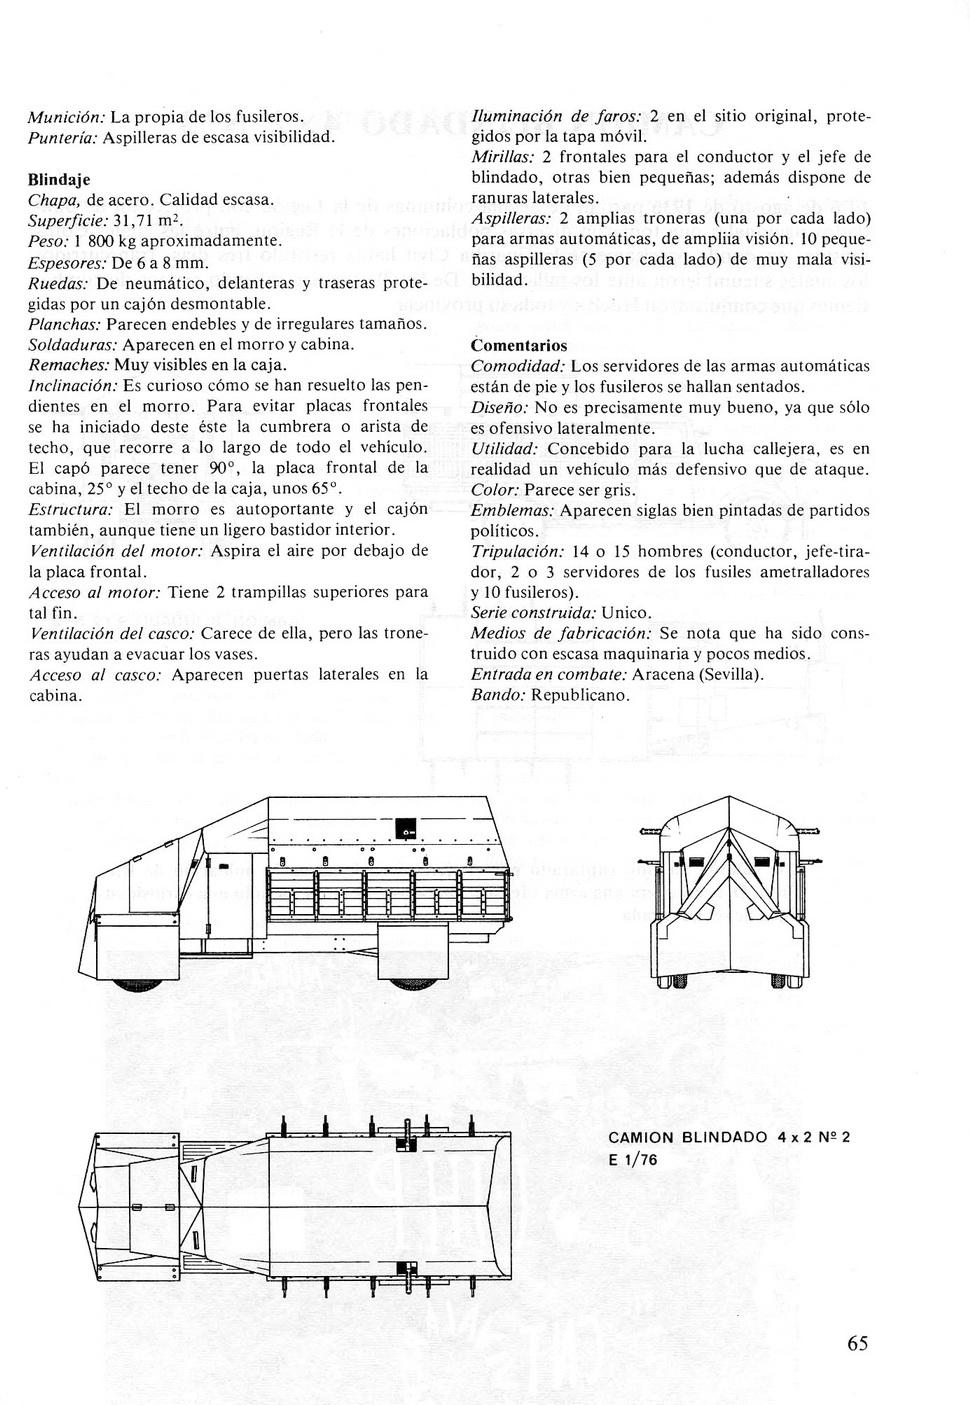 Carros De Combate Y Vehiculos Blindados De La Guerra 1936 1939 [F.C.Albert 1980]_Страница_063.jpg